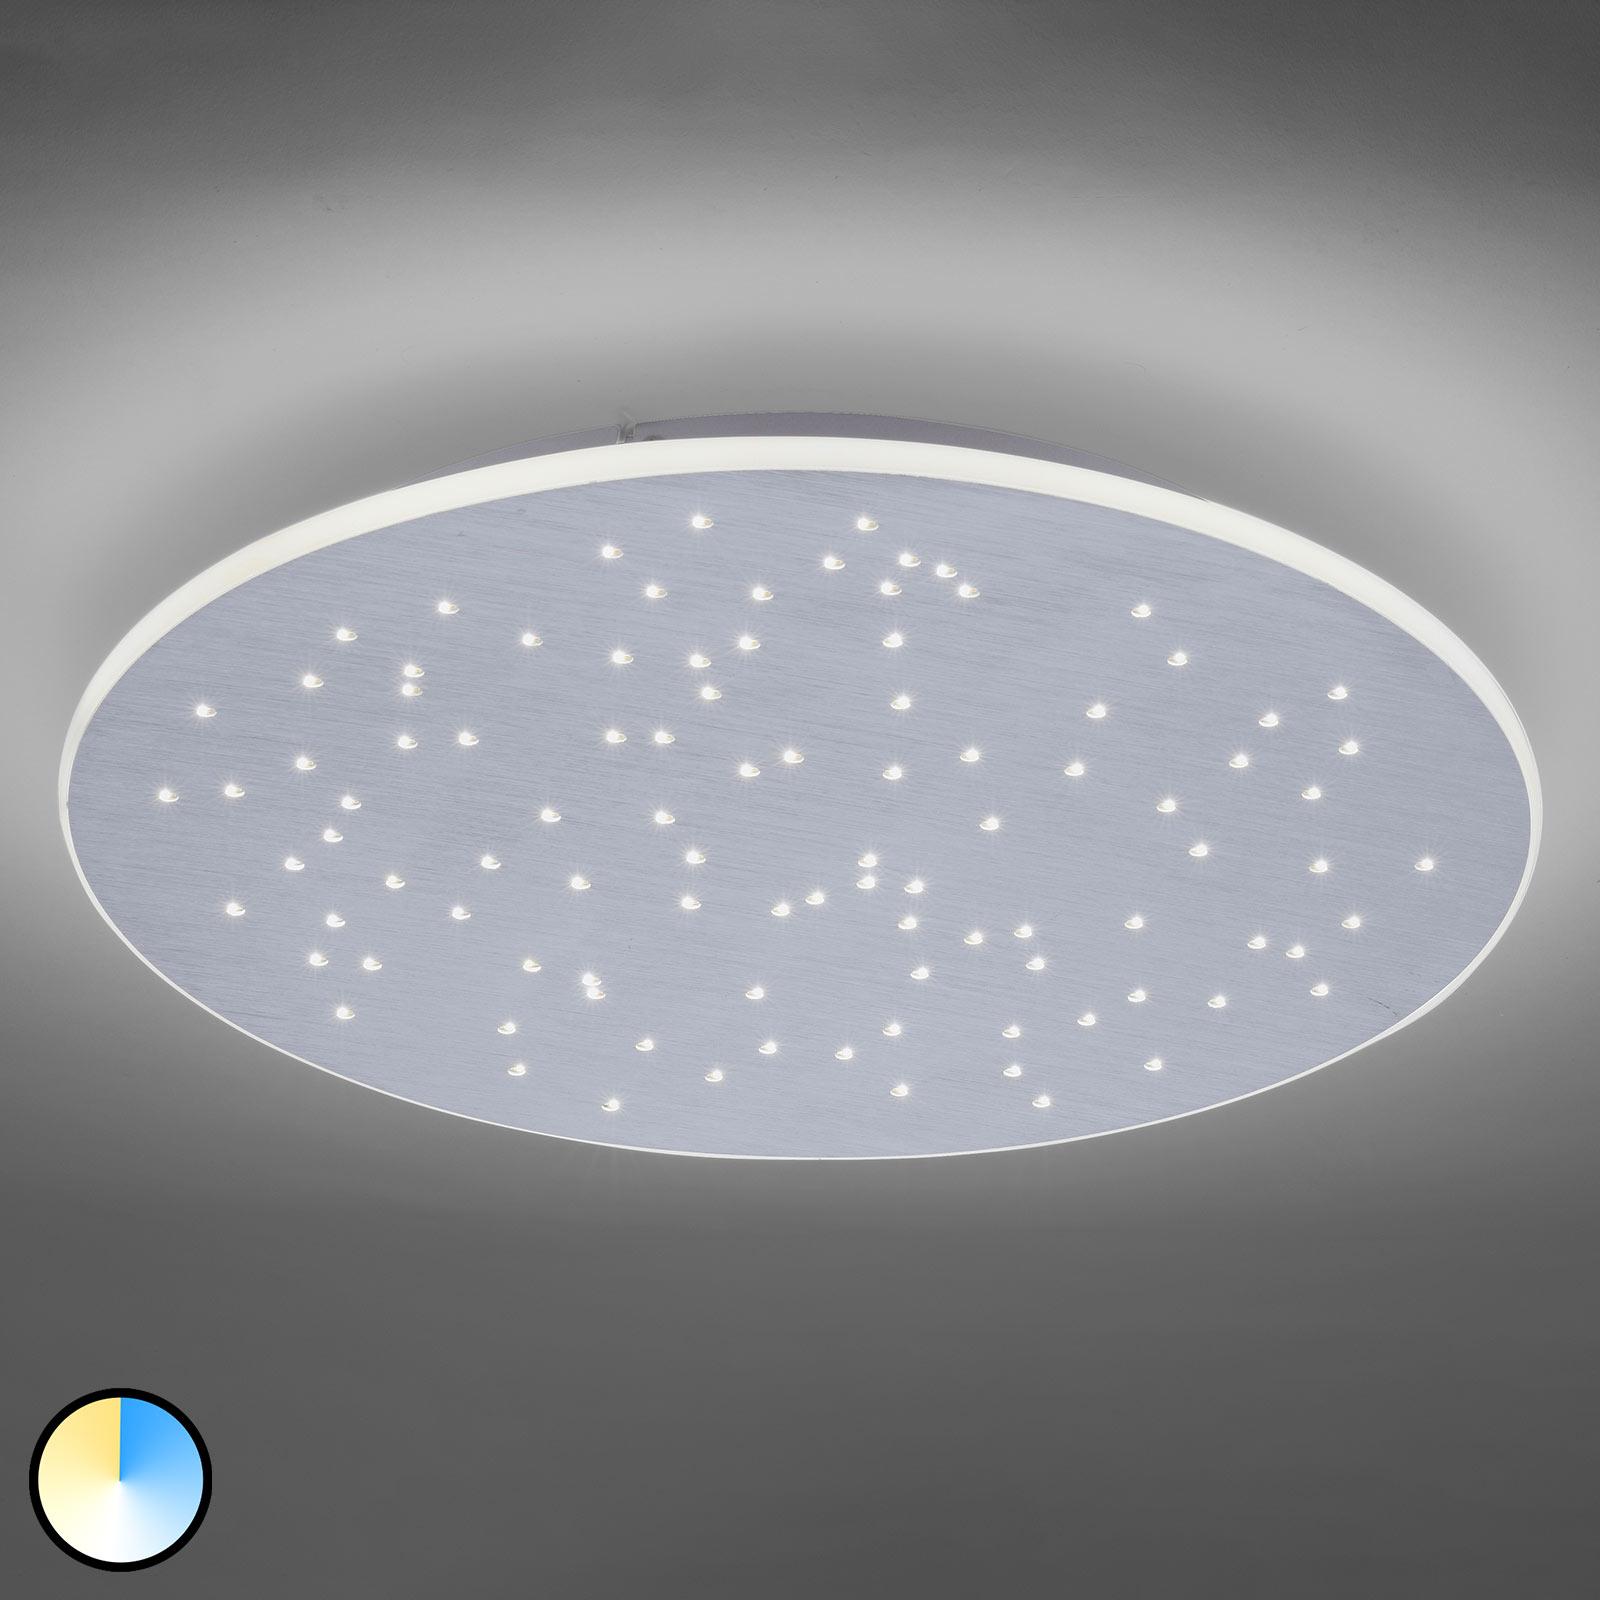 Paul Neuhaus Q-NIGHTSKY LED-Deckenleuchte, rund